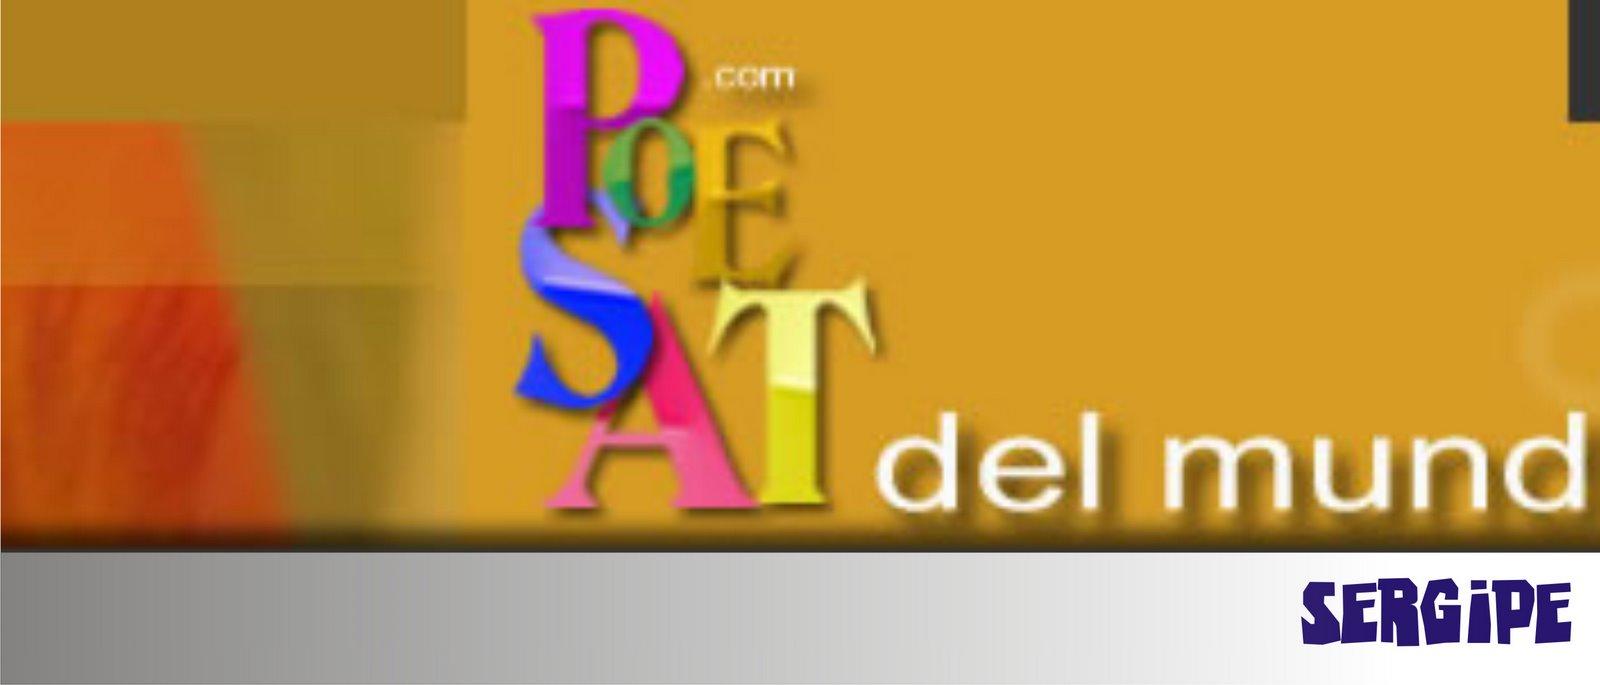 Poetas del Mundo, Sergipe